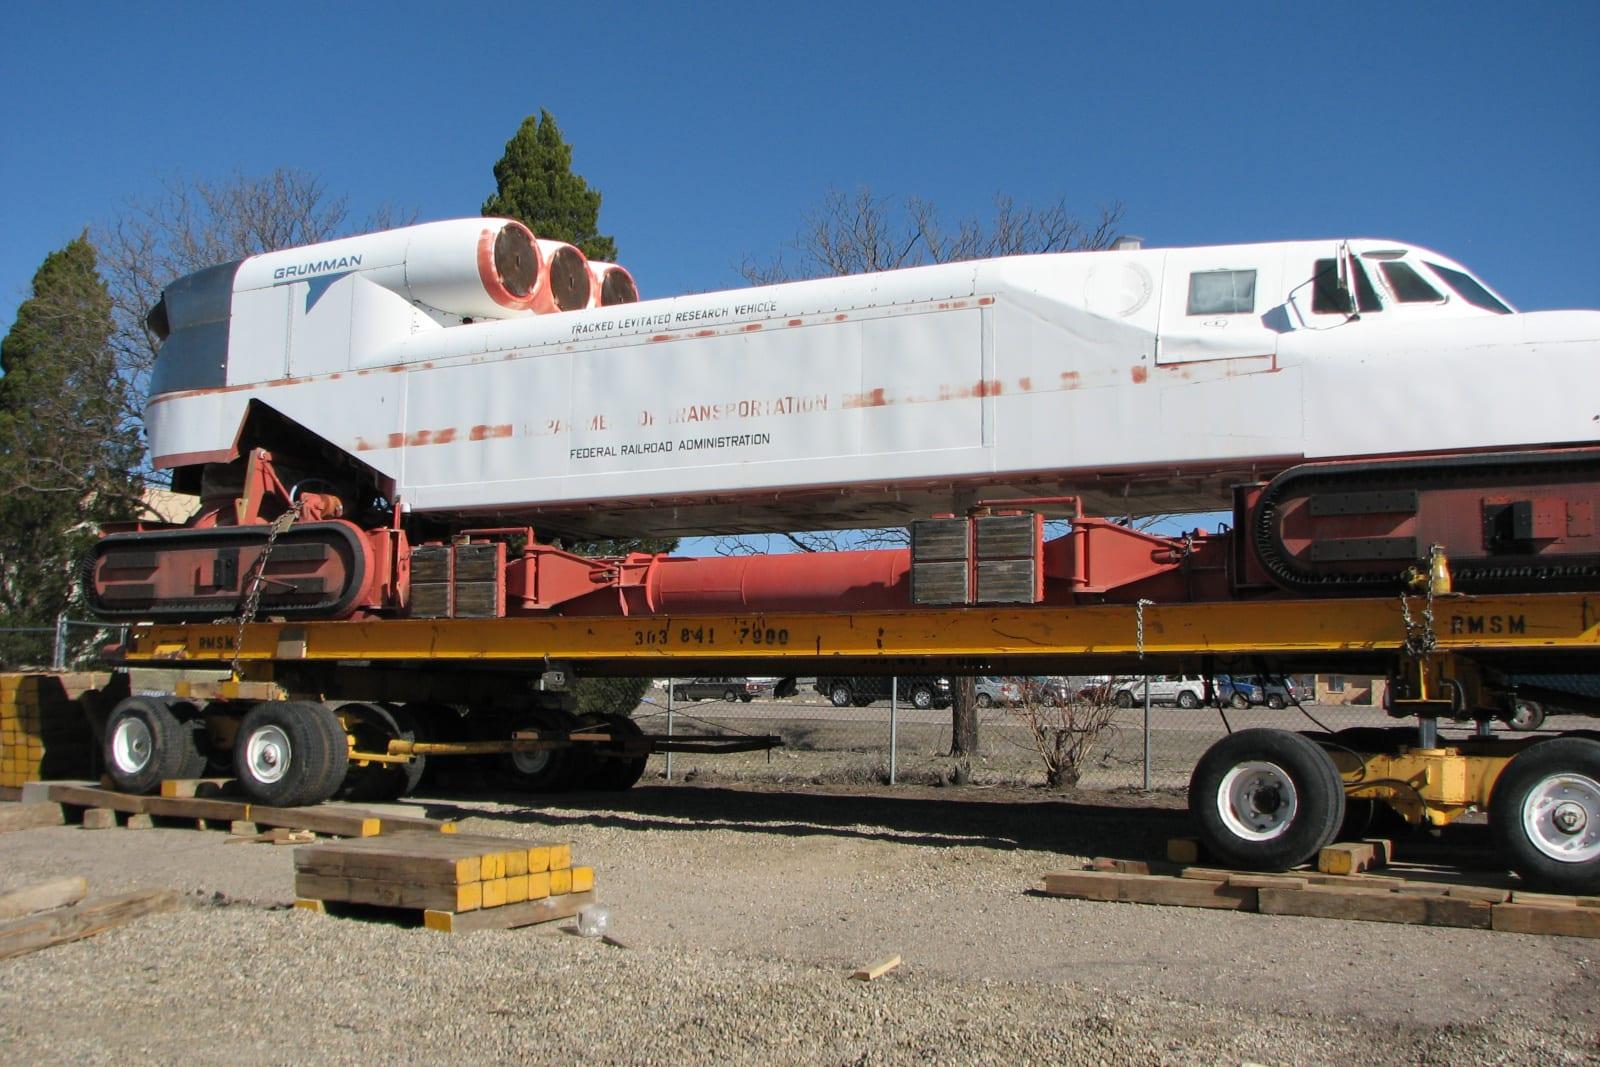 Pueblo Railway Museum Aircraft